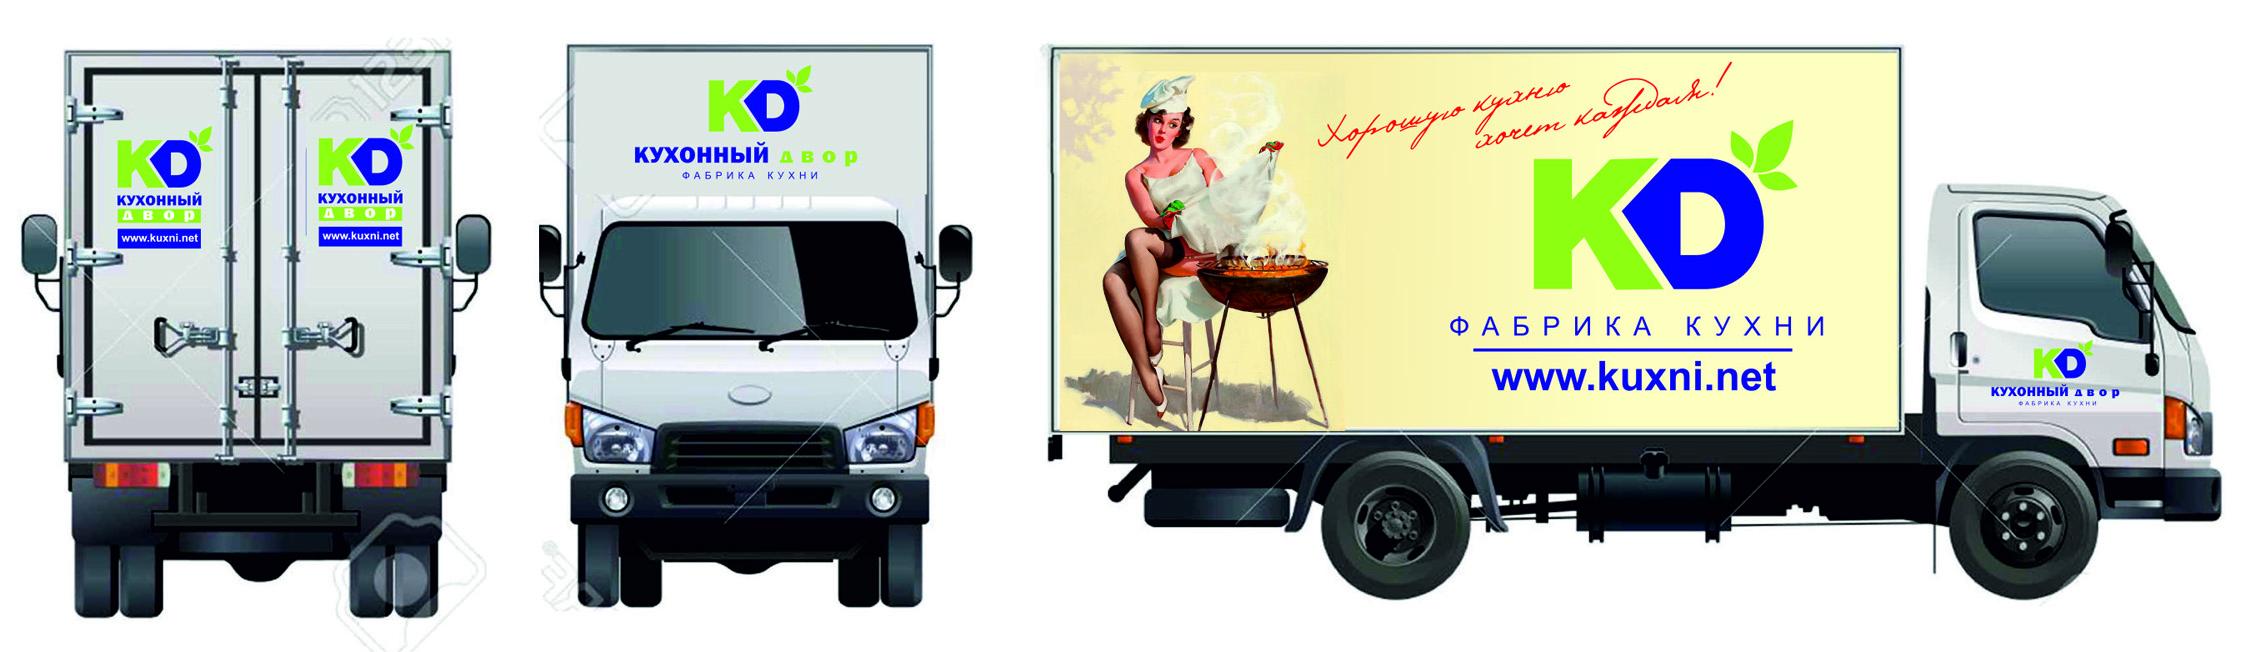 """Брендирование грузового авто для компании """"Кухонный двор"""" фото f_78759c129efd893c.jpg"""